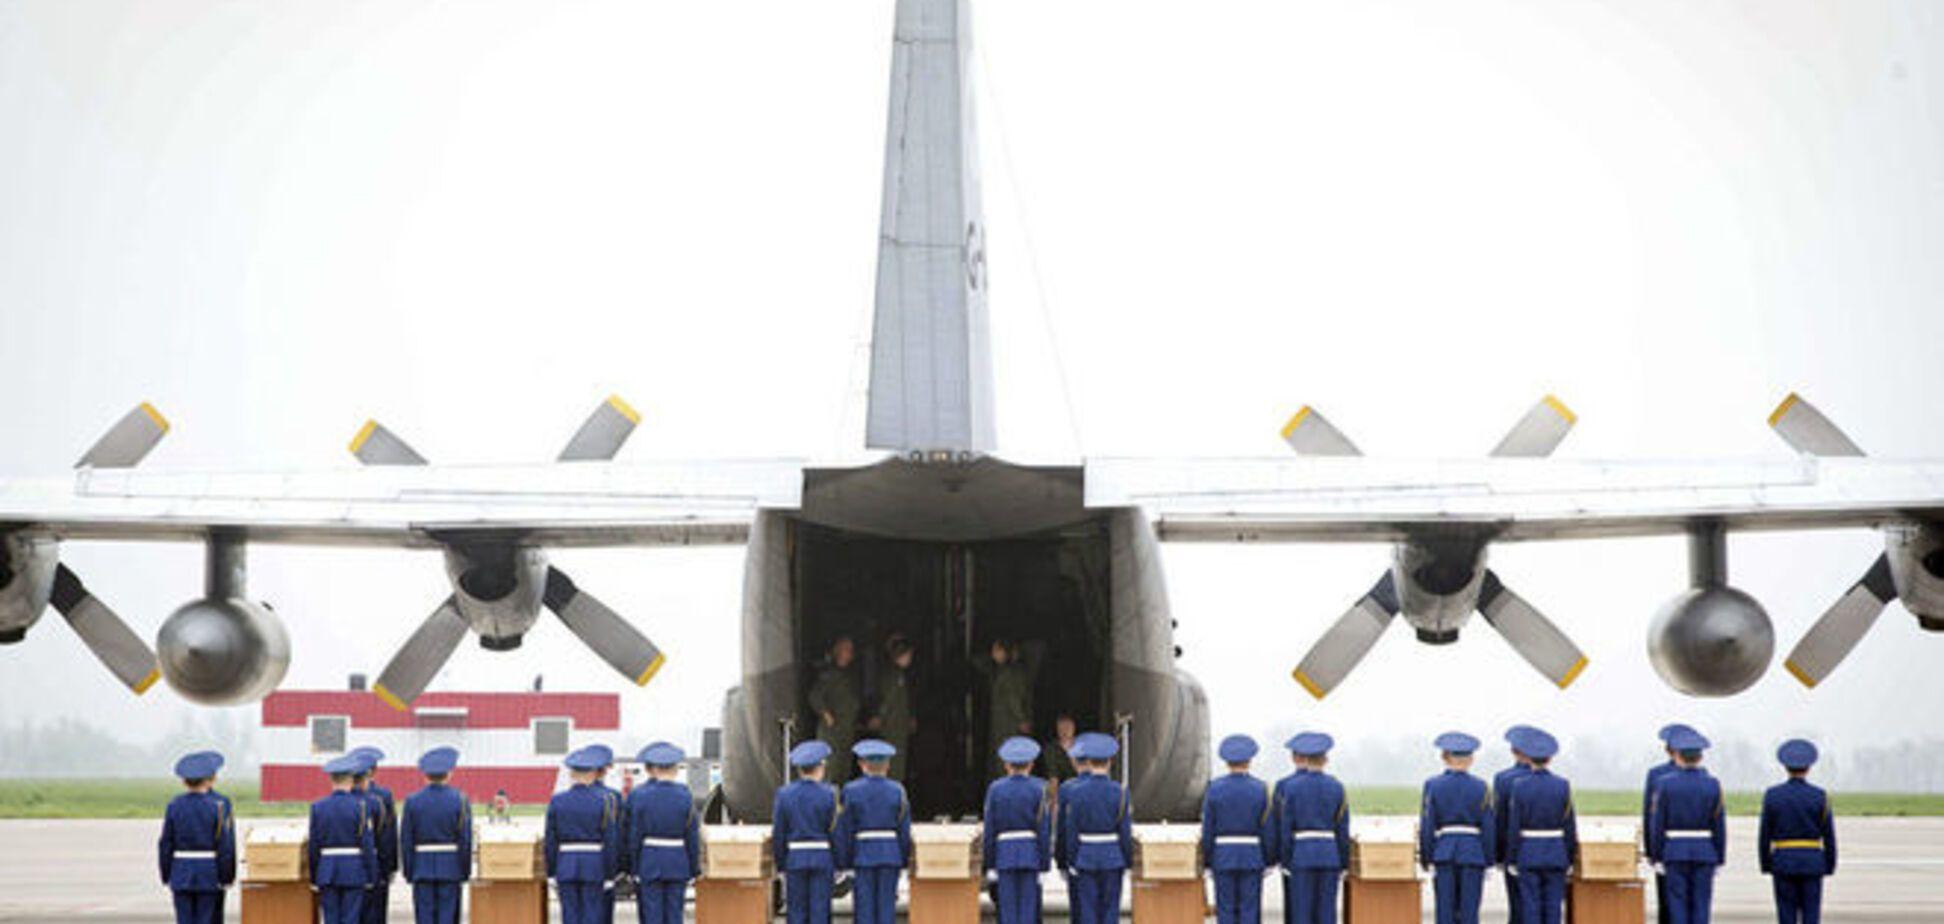 Операция по поиску тел погибших в катастрофе MH17 завершилась - Зубко